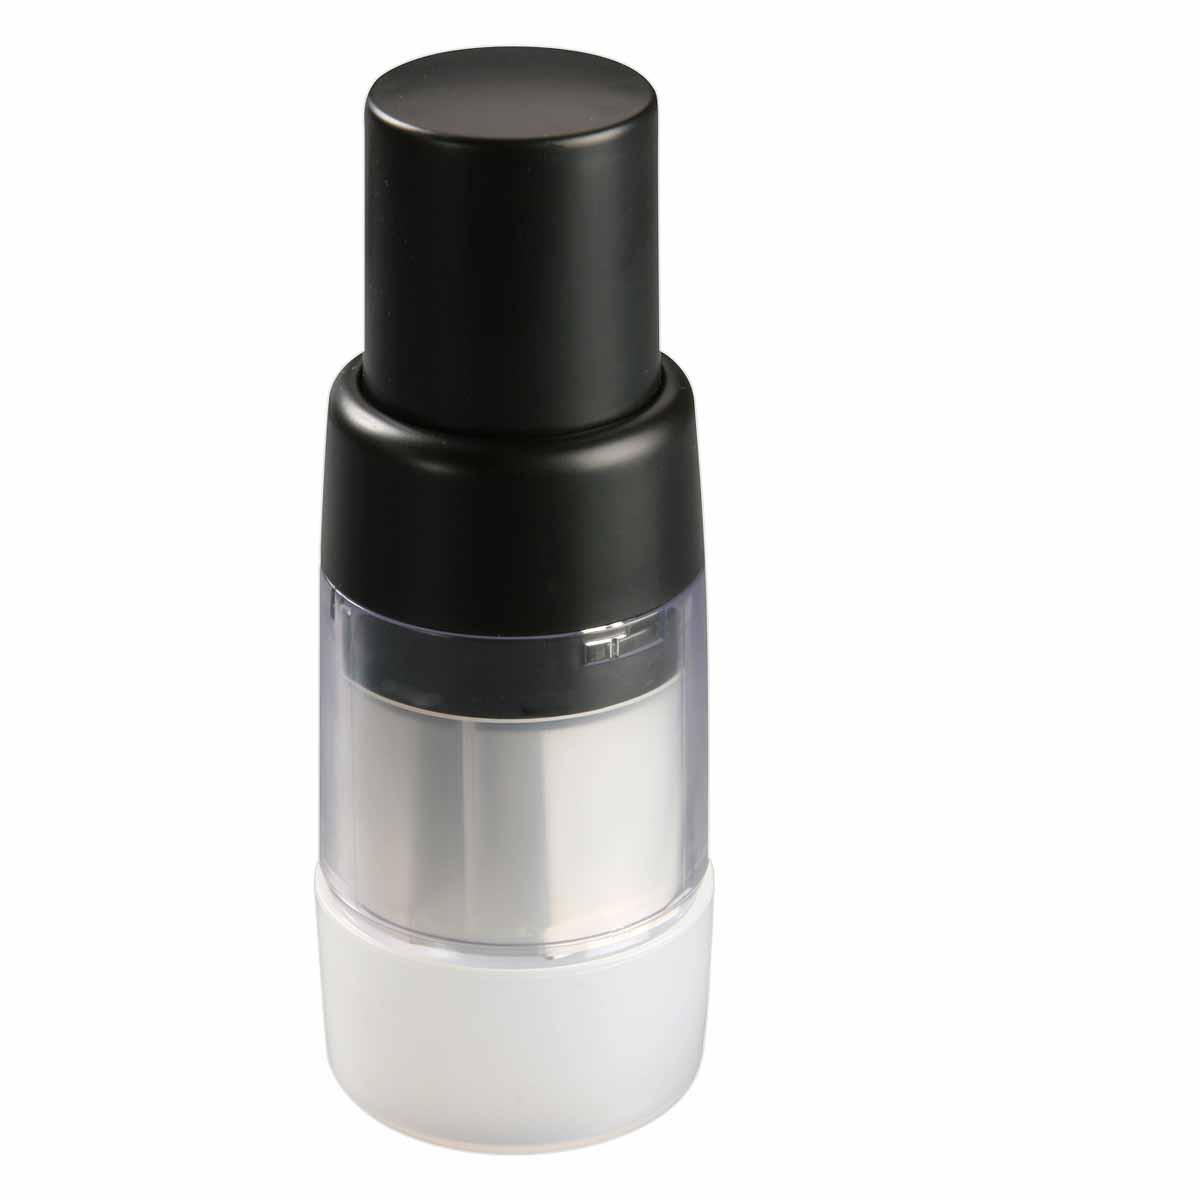 Мини-измельчитель для чеснока и орехов Dekok, со съемным контейнером, цвет: черный, прозрачный, белыйUKA-1514Мини-измельчитель Dekok изготовлен из высококачественного пластика. Предназначен для измельчения чеснока, лука, орехов, перца, грибов, зелени, овощей. Изделие оснащено специальным механизмом поворота Х-образных стальных ножей. В комплекте - пластиковый контейнер для хранения измельченных продуктов, защищающий руки от запаха чеснока и лука. Размер контейнера: 6,5 см х 6,5 см х 3,5 см.